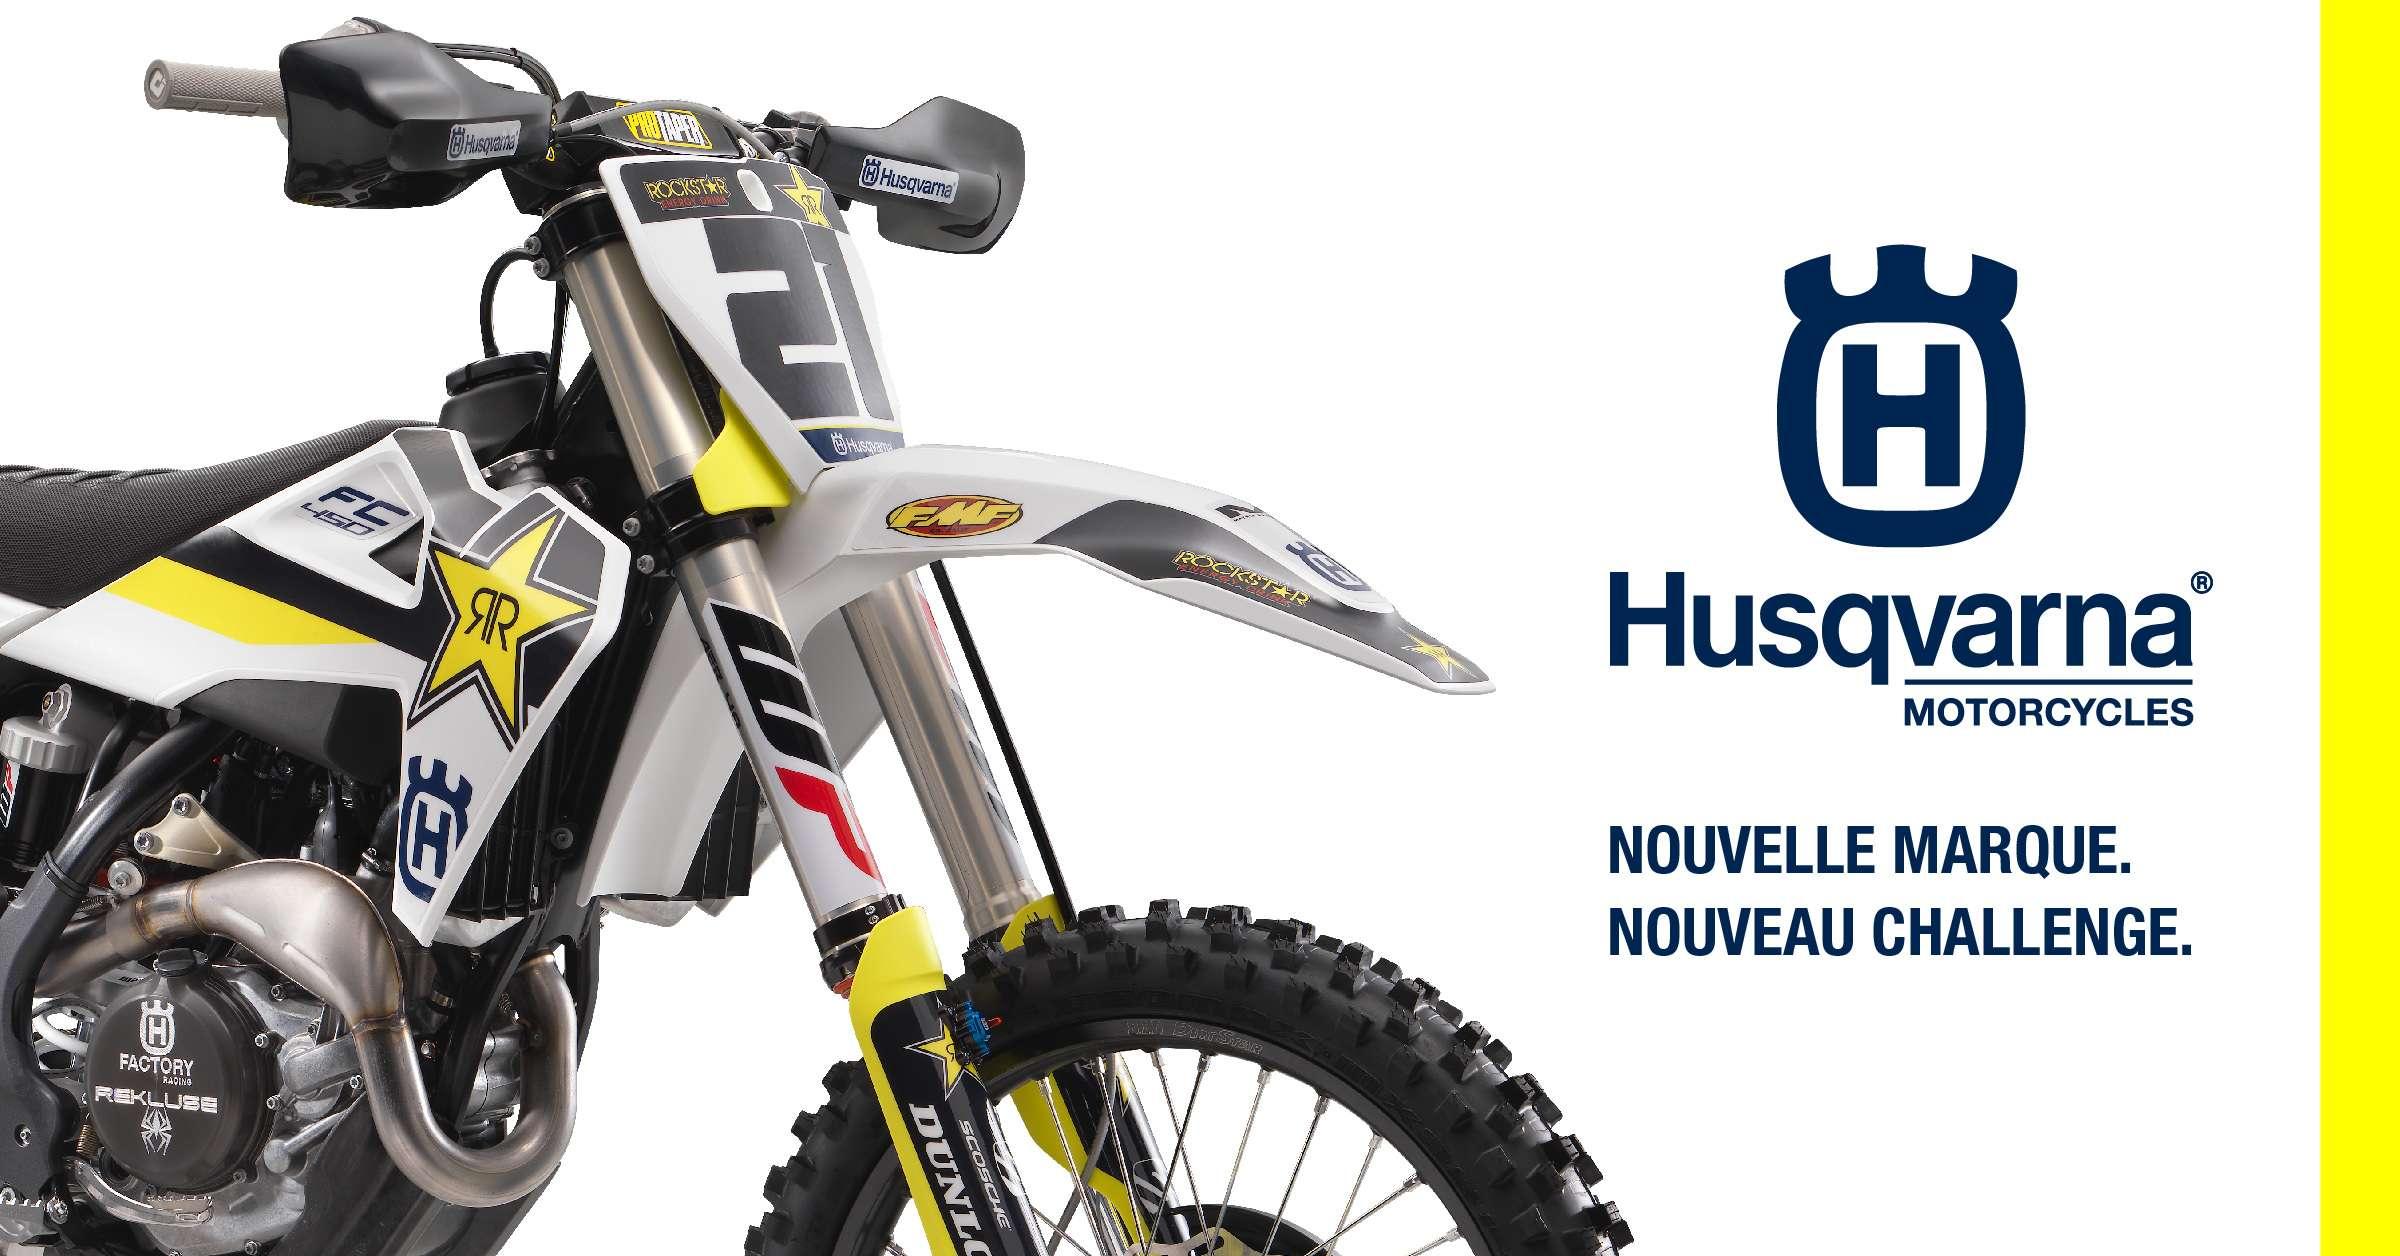 Nous accueillons avec fierté une nouvelle marque: Husqvarna